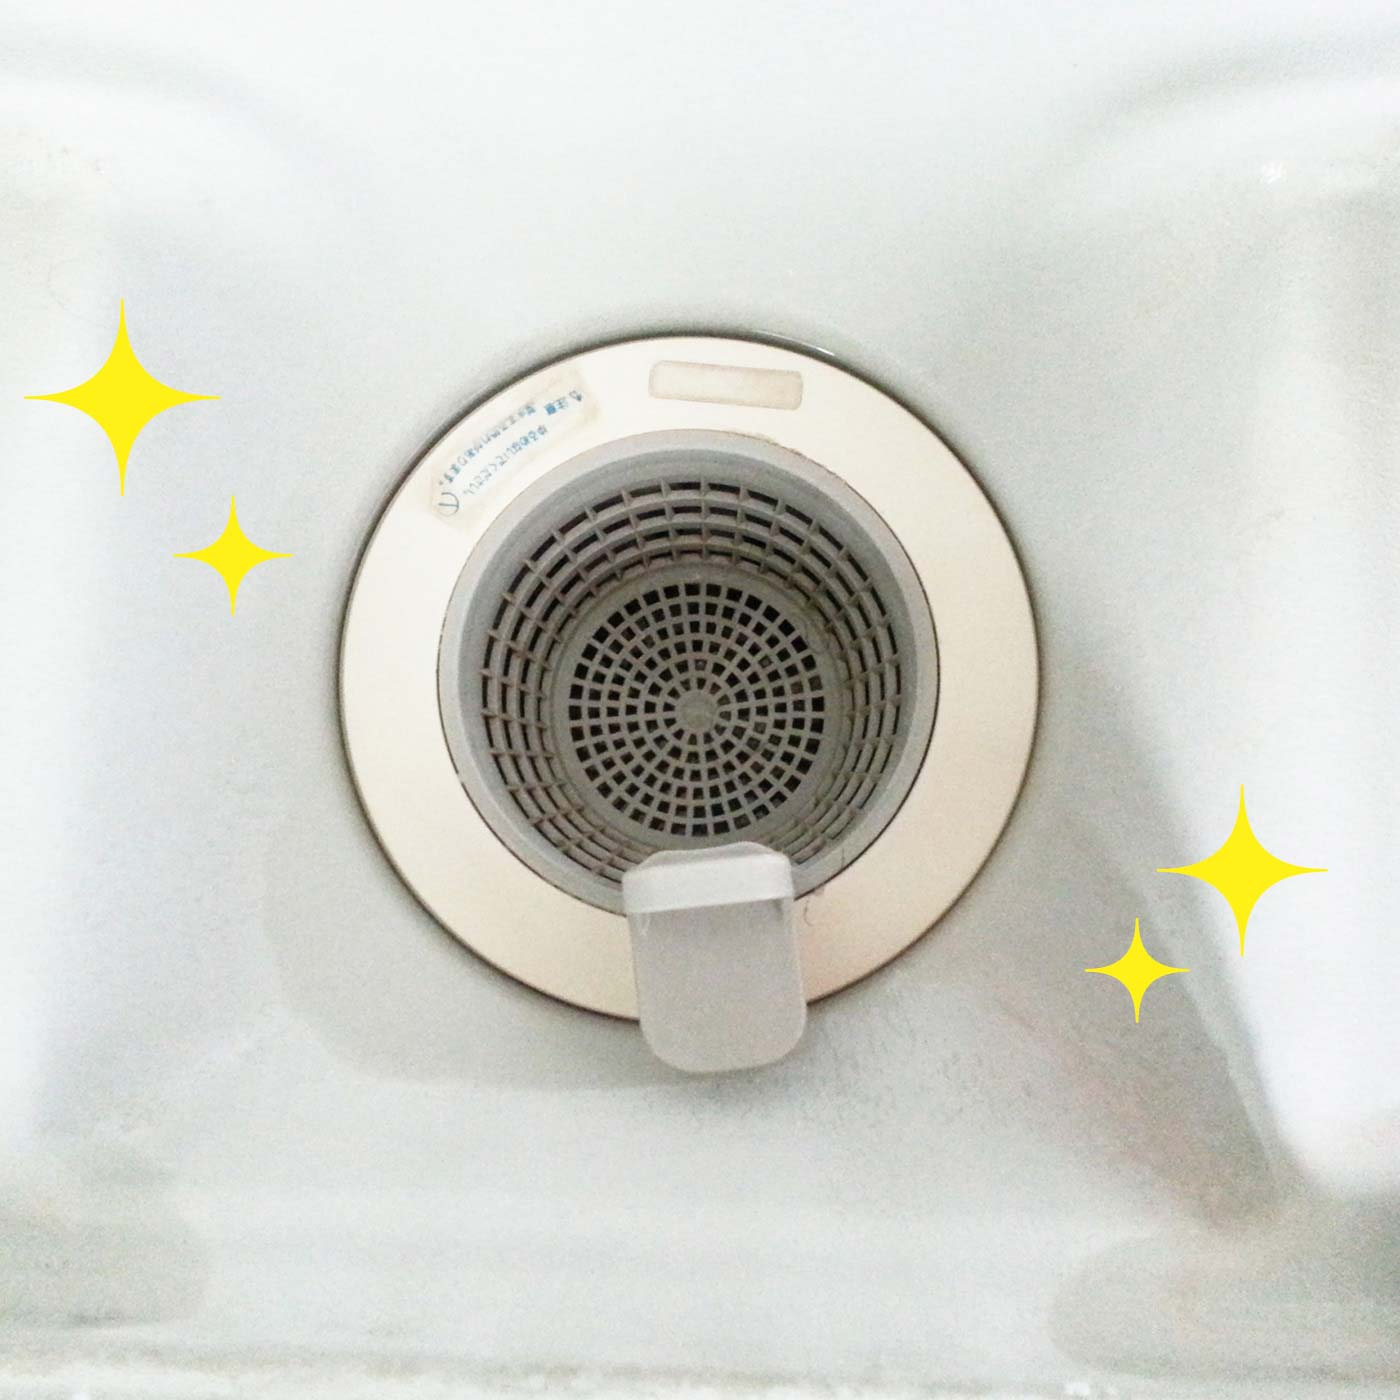 【浴室の排水口に】掃除後乾いた状態でスプレー。2週間後もきれいをキープできます。 ※使用条件により効果は異なります。